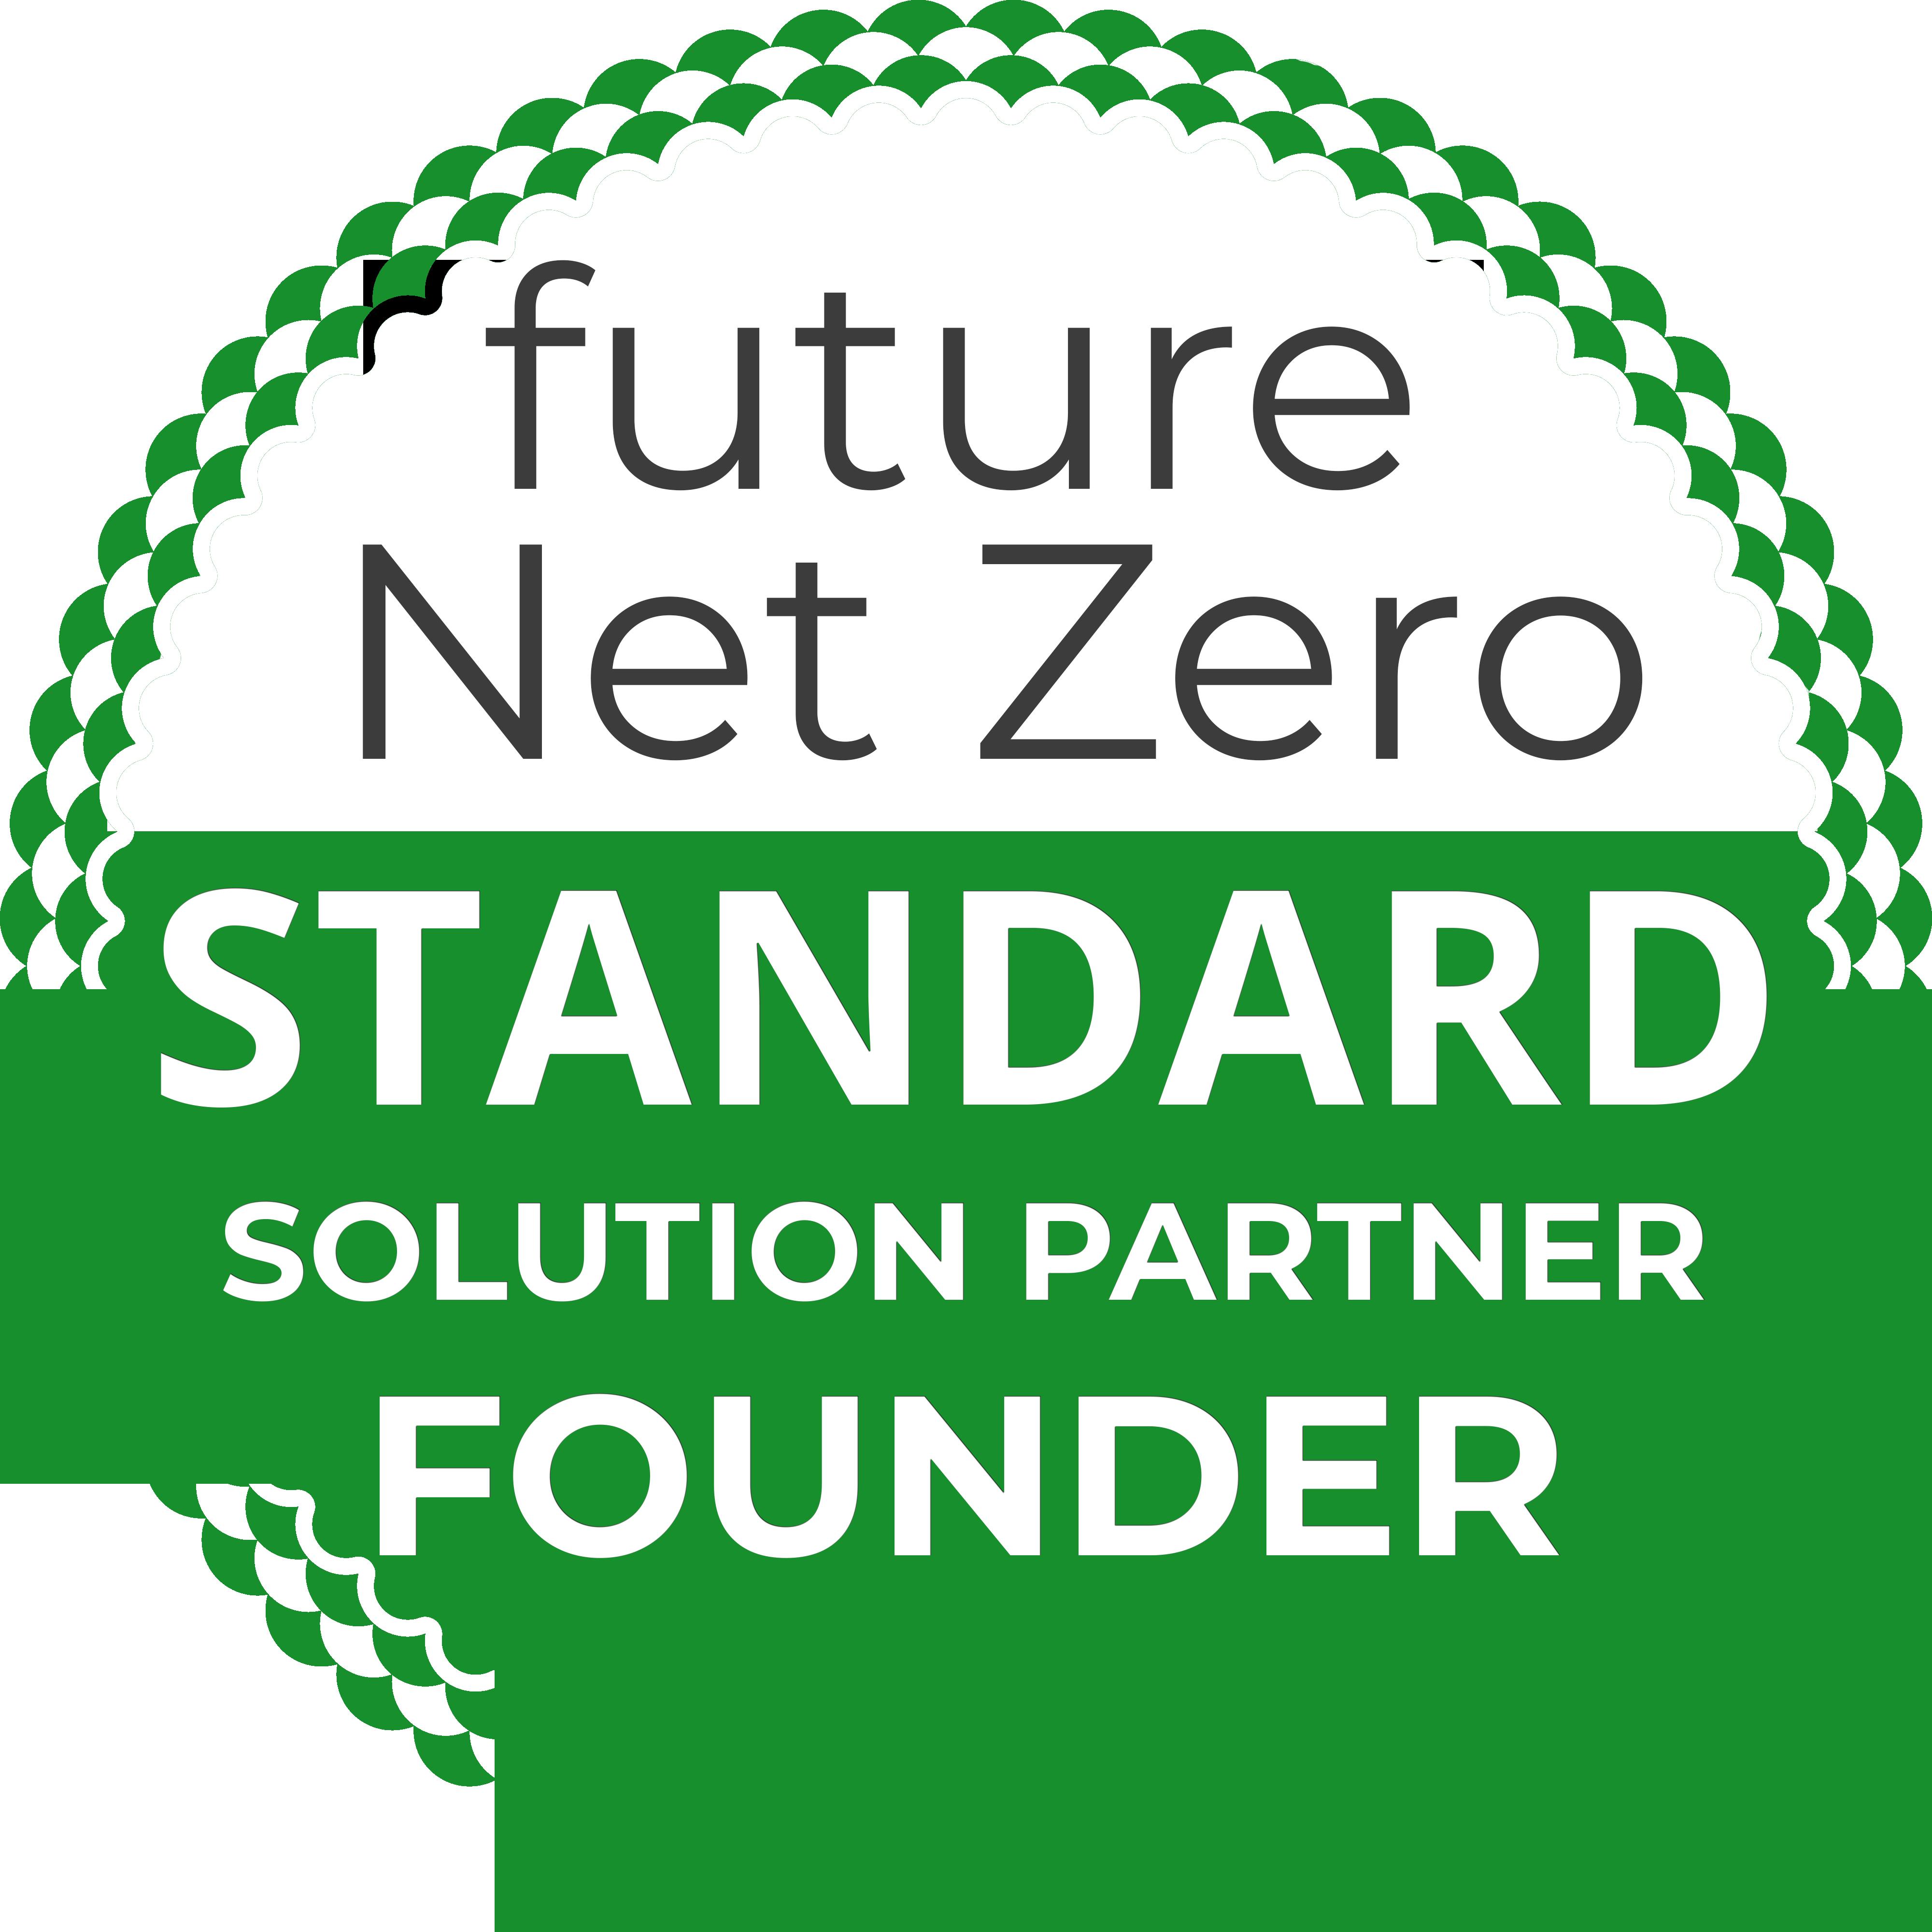 FNZ Standard - Badge Solution Partner Founder